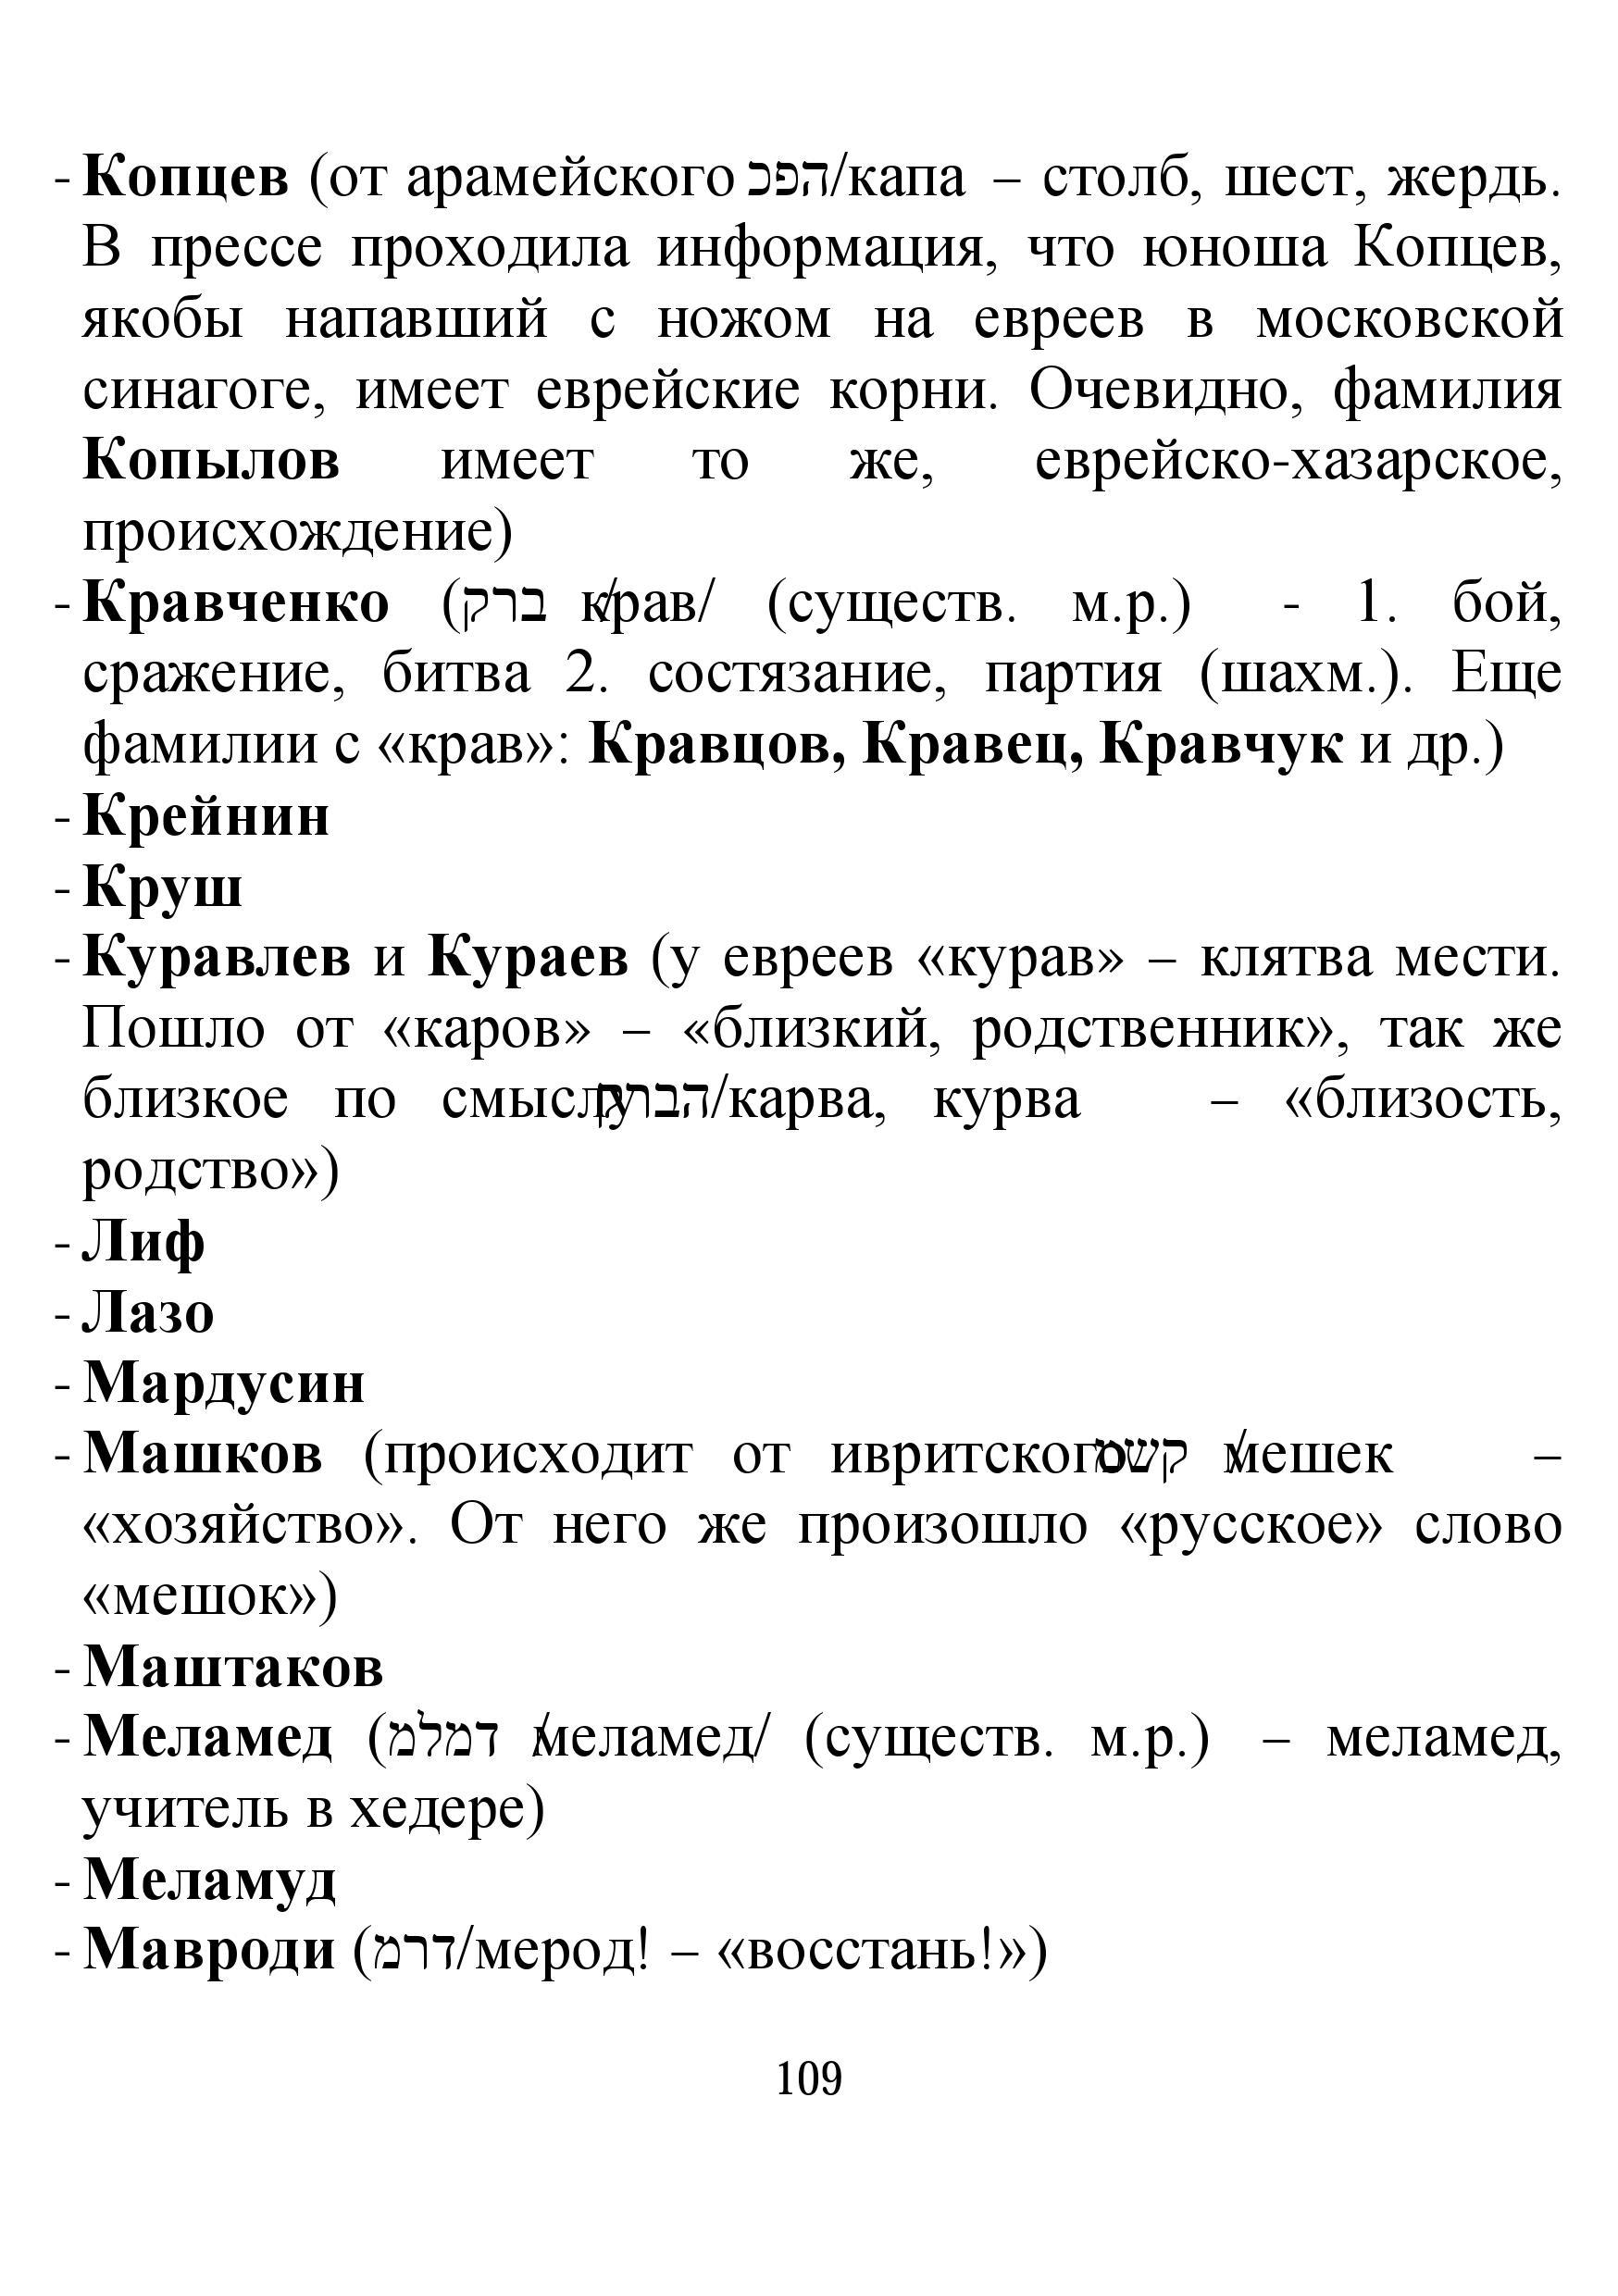 http://sf.uploads.ru/ABi3X.jpg